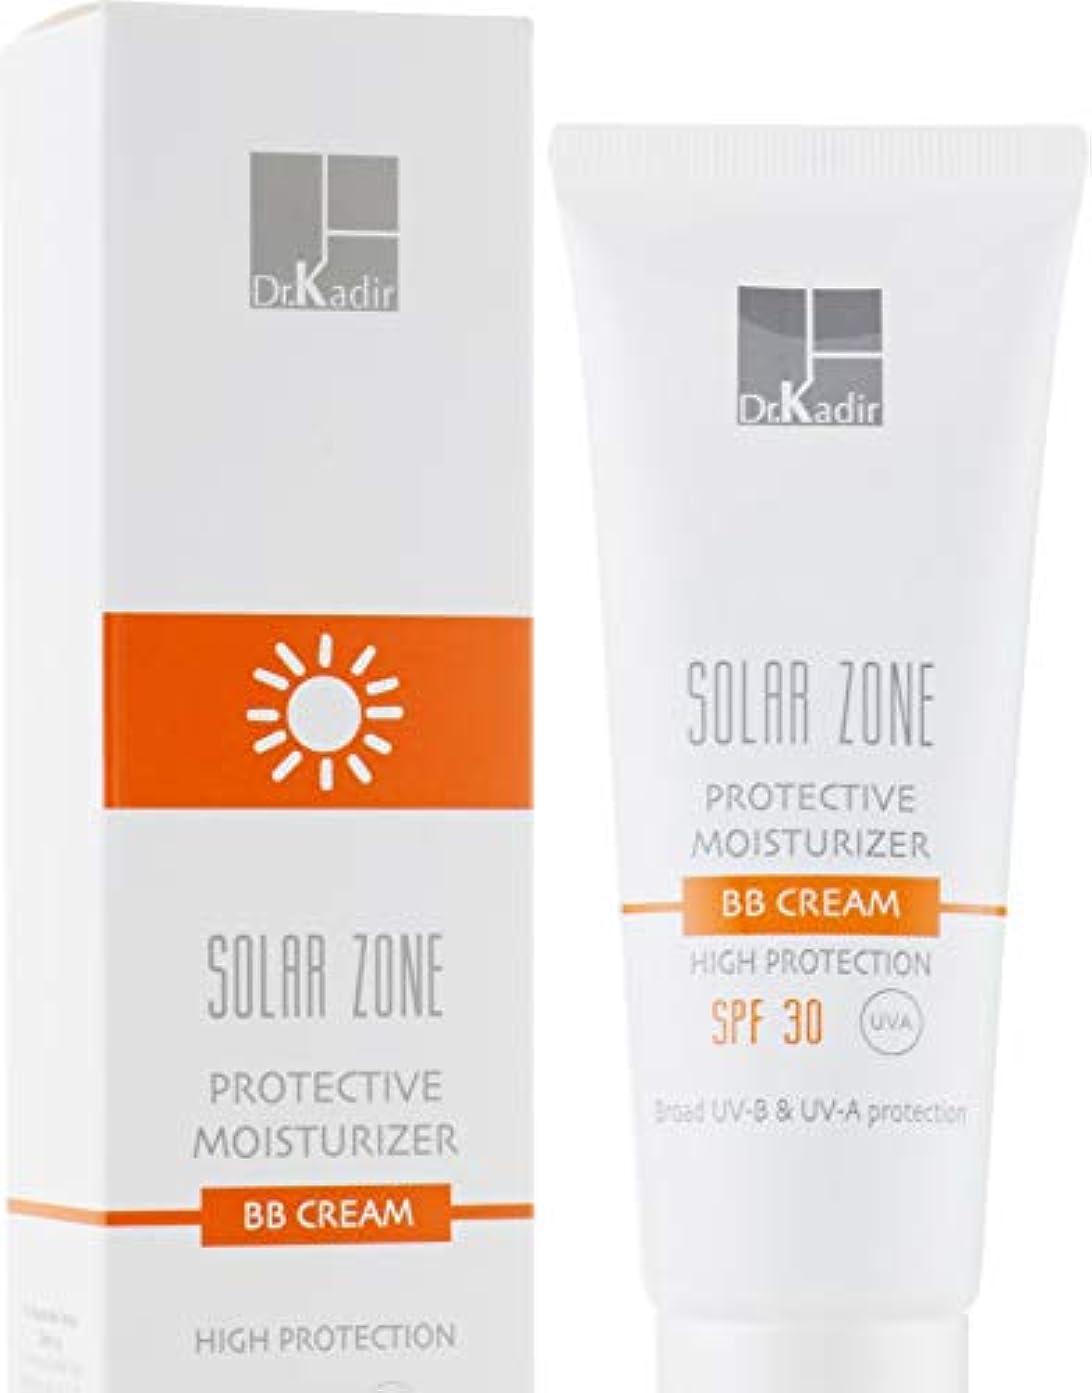 閉塞スタック透過性Dr. Kadir Solar Zone Protective Moisturizer BB Cream SPF 30 75ml